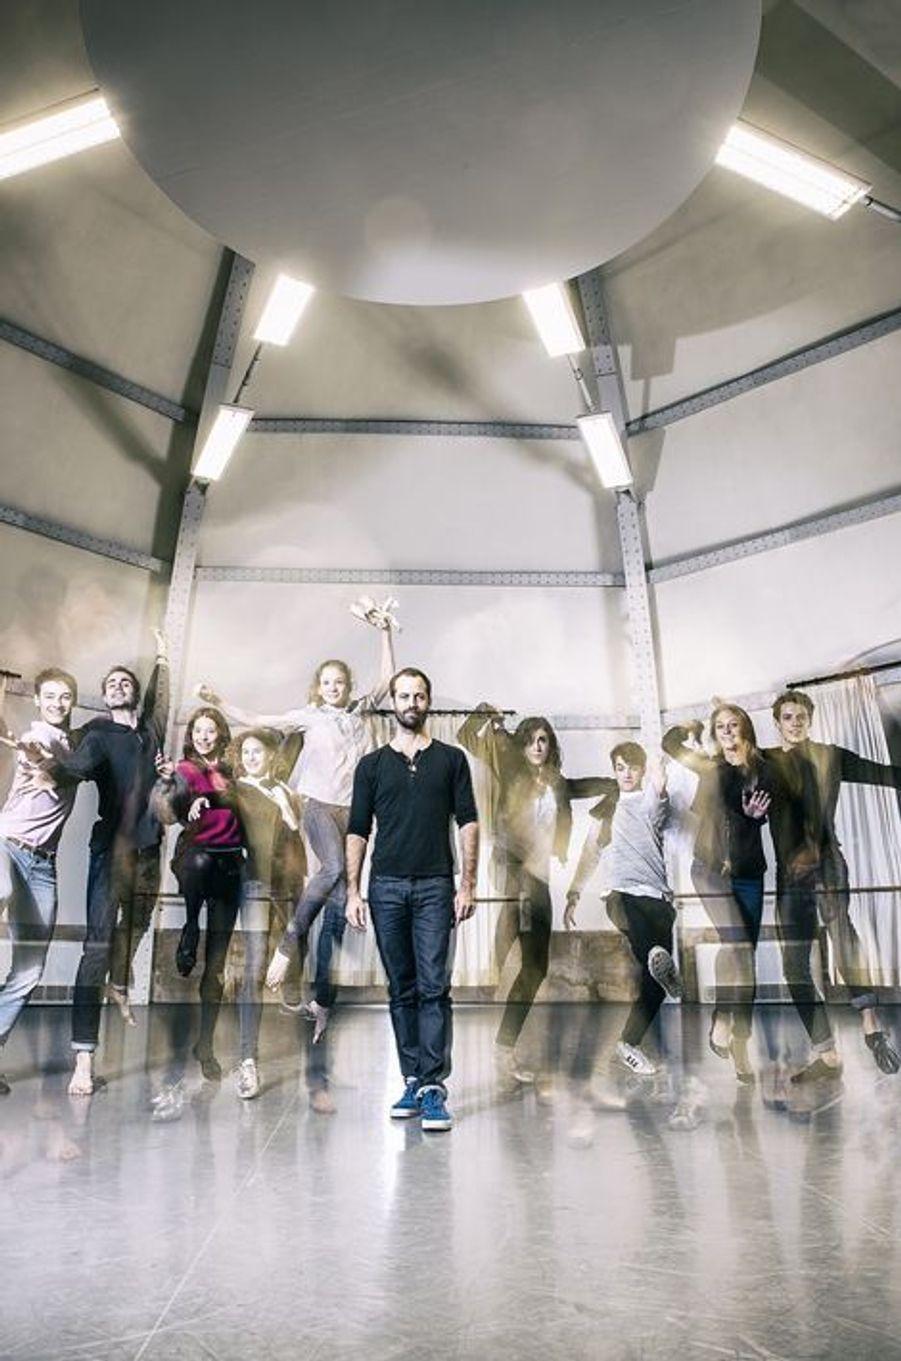 Benjamin Millepied entouré des lauréats du concours annuel du corps de ballet de l'Opéra, le 10 décembre 2014